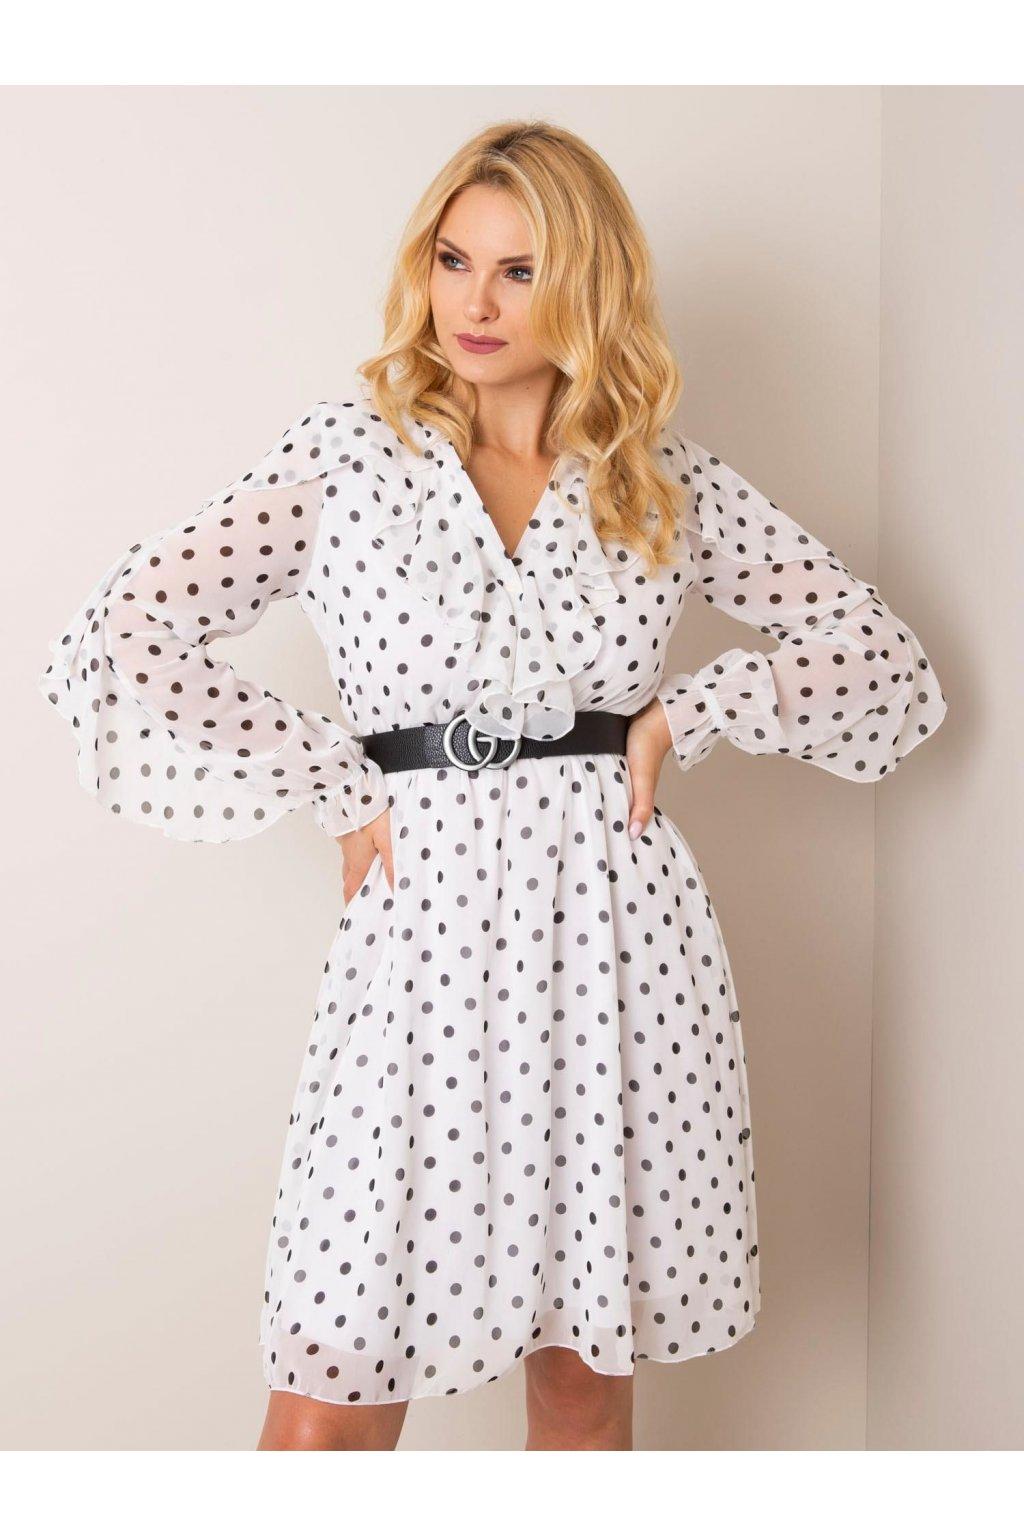 pol pl Bialo czarna sukienka Princess RUE PARIS 349706 1